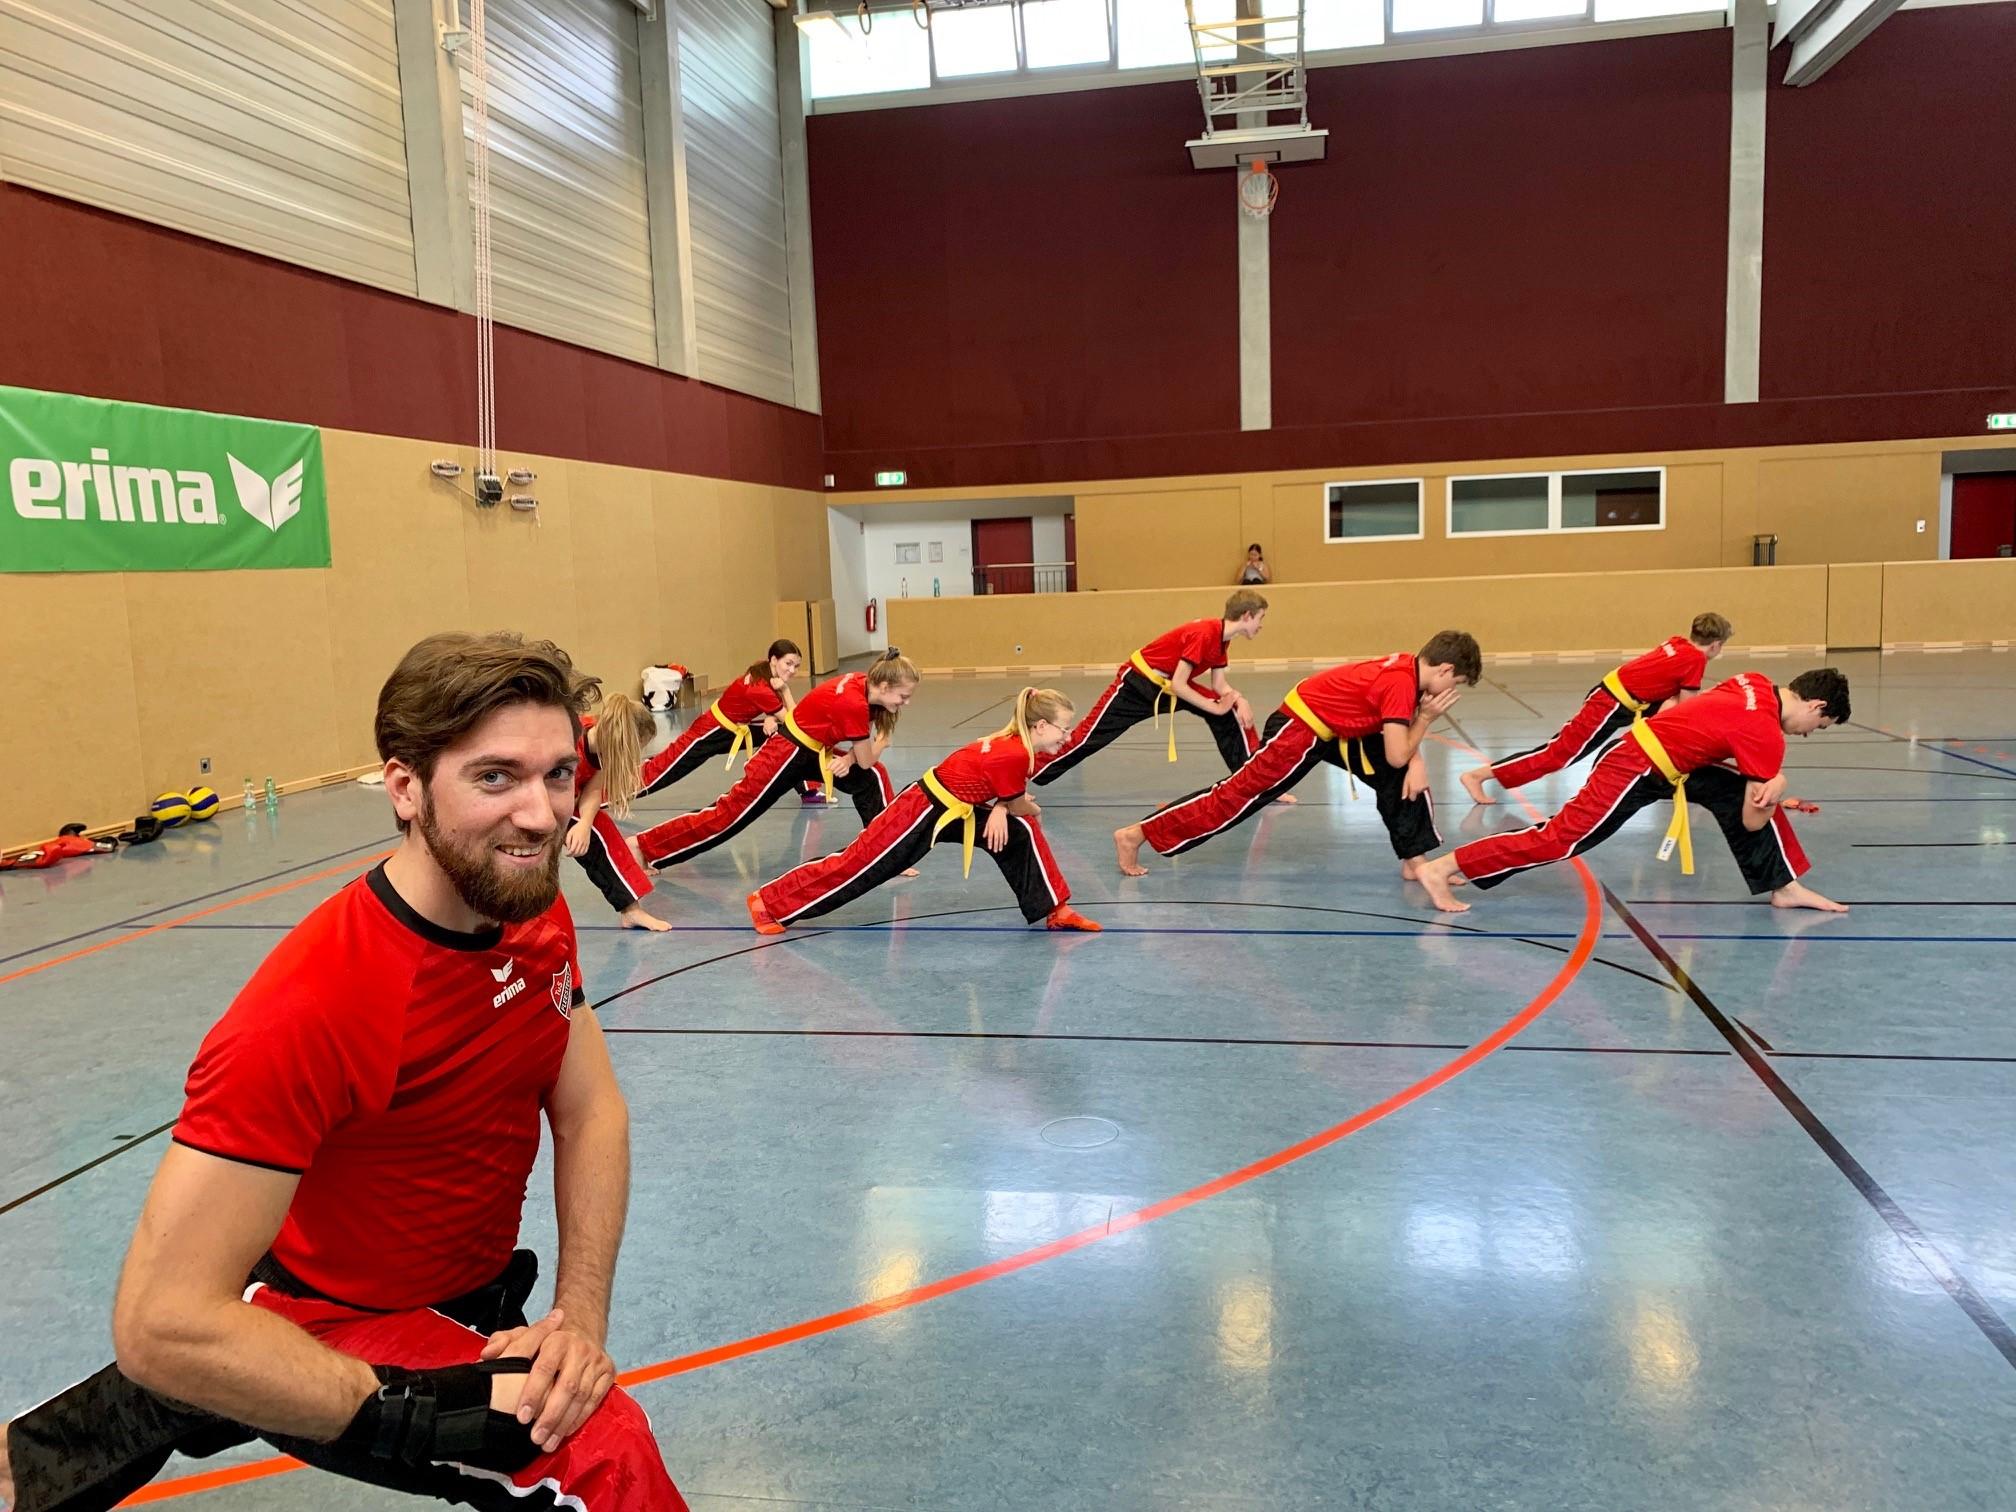 TuD Fleestedt -Patrick Behrendt beim Warmup für das Kickbox-Training im Sportzentrum Seevetal